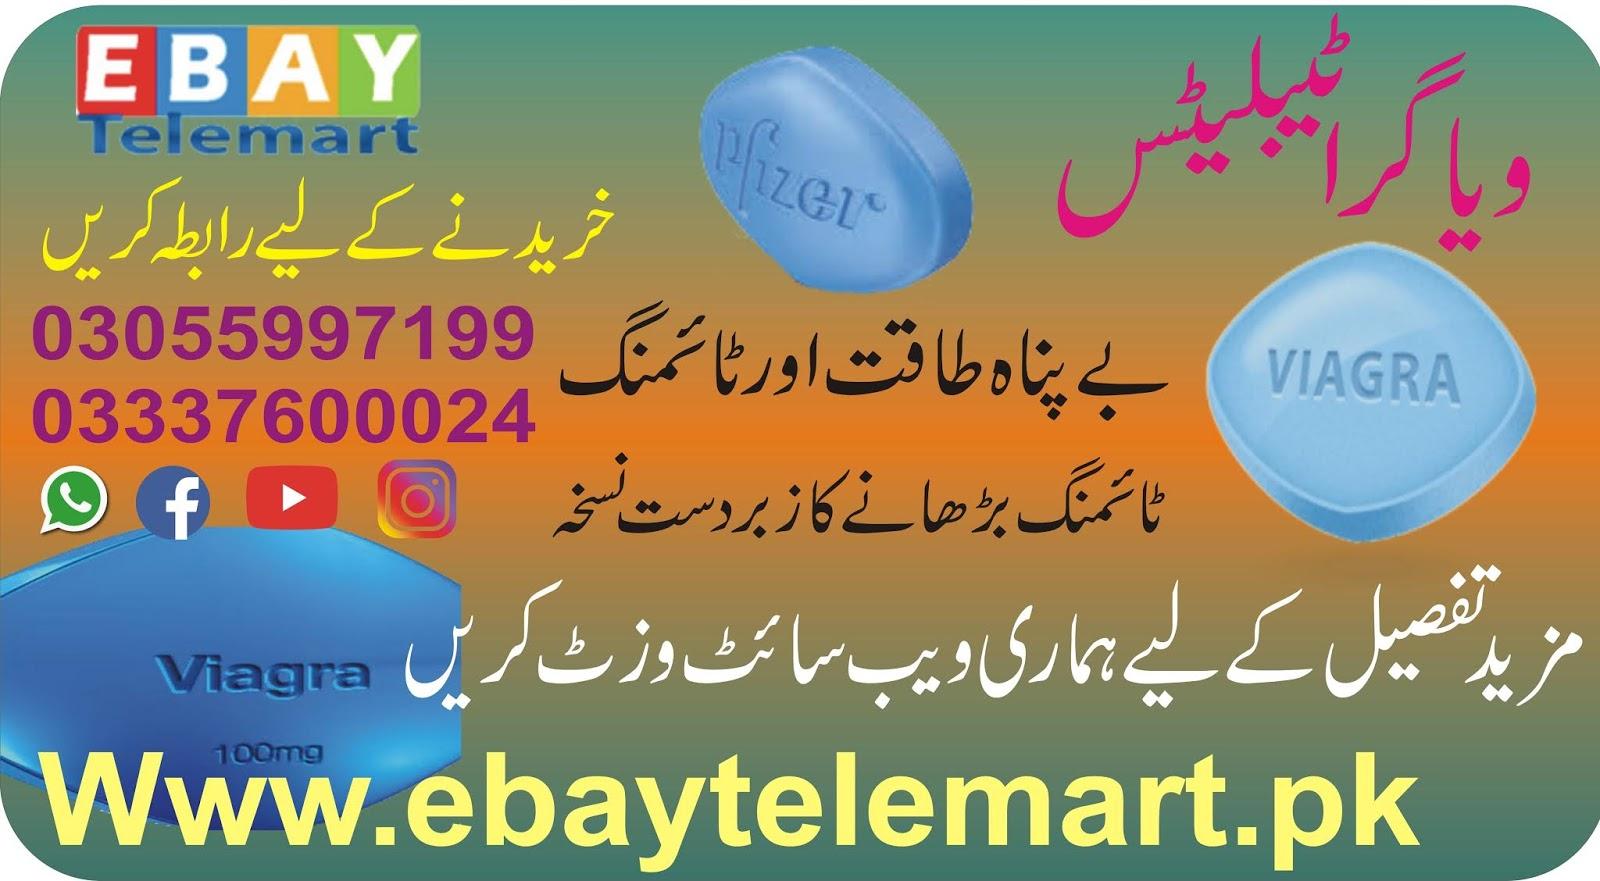 Viagra Tablets in Lahore Buy Online 03055997199